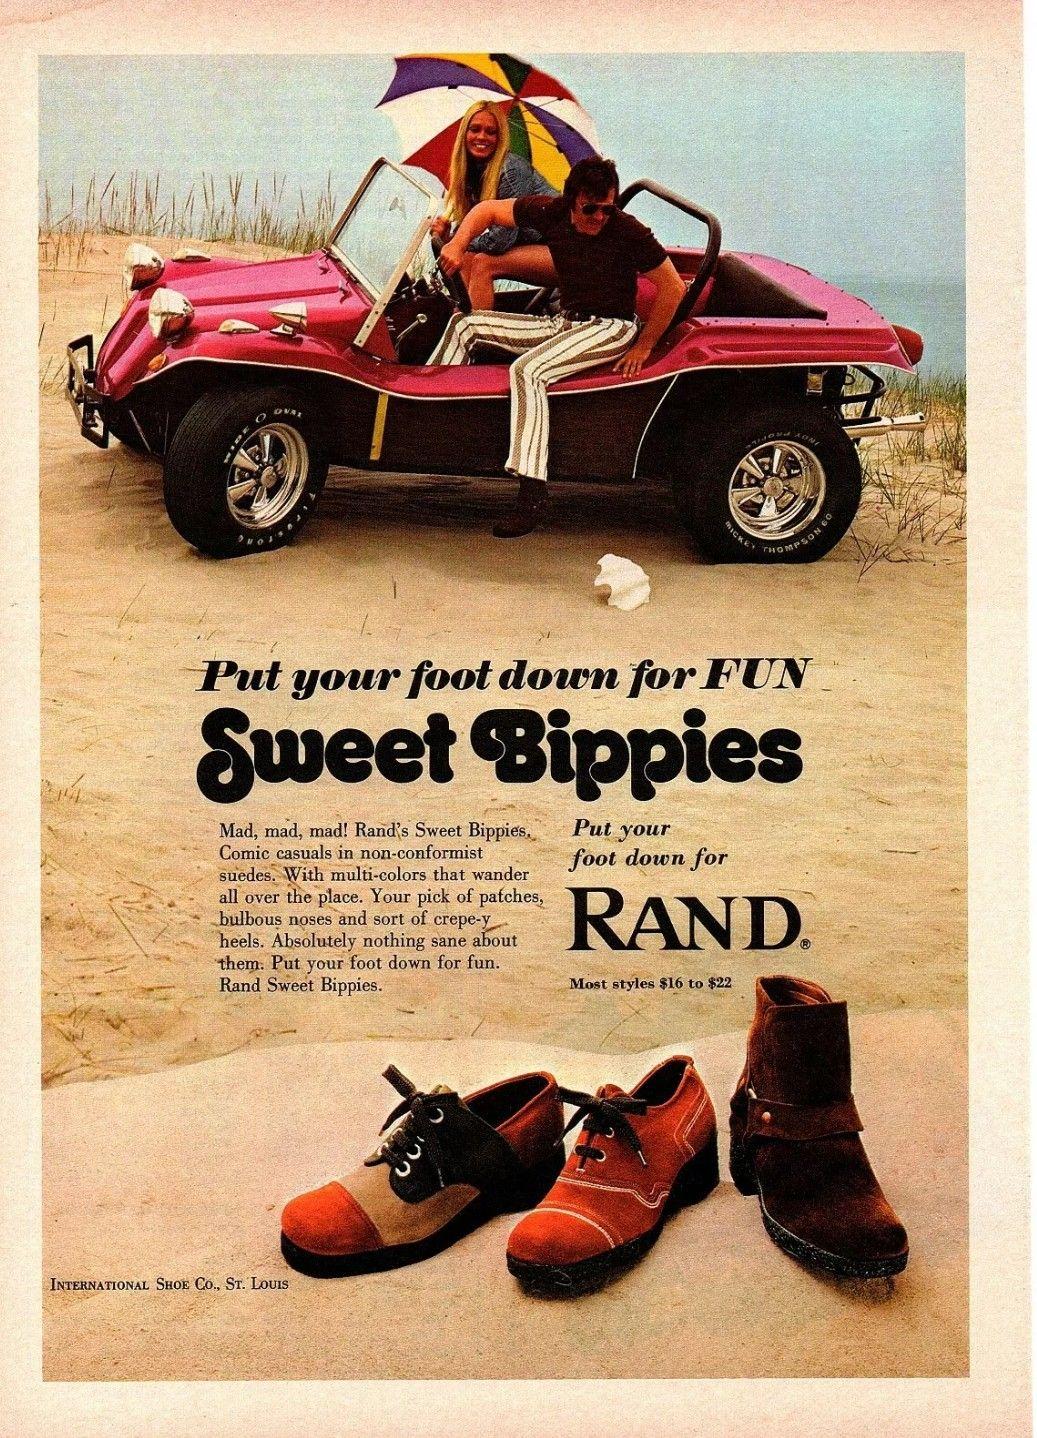 Bc bee dune buggy dune buggy manx dune buggy beach buggy